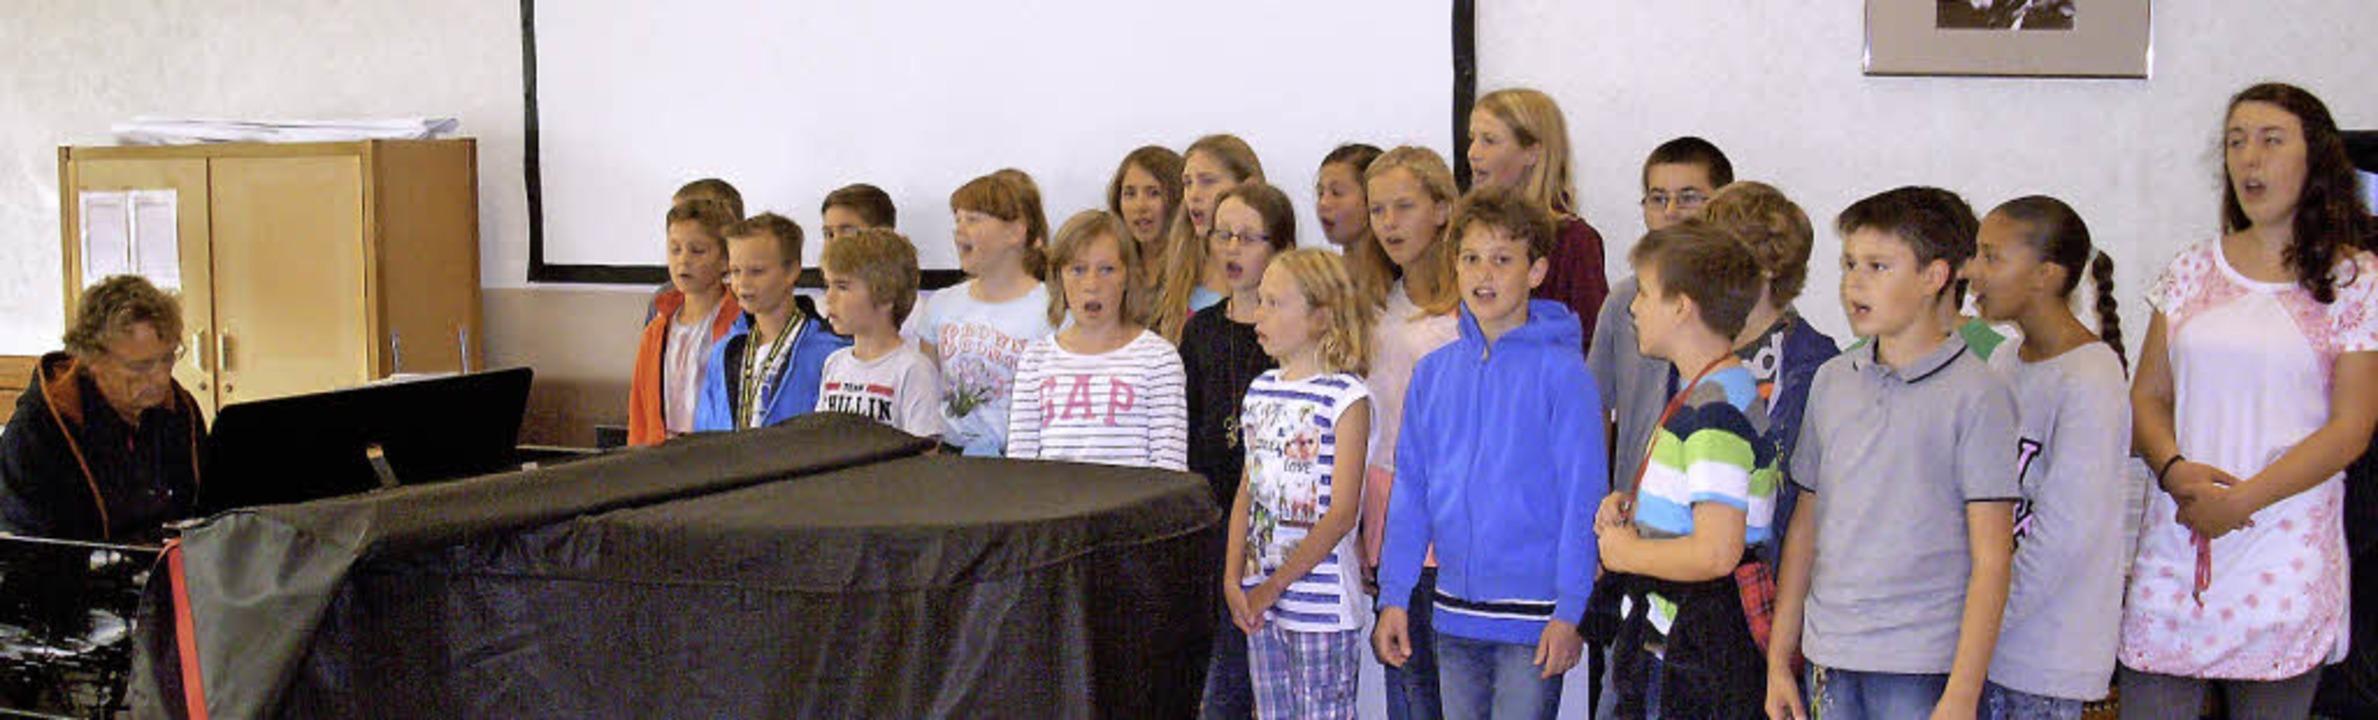 Die neuen Gymnasiasten wurden musikali...m Lied Follow me willkommen geheißen.     Foto: ZVG